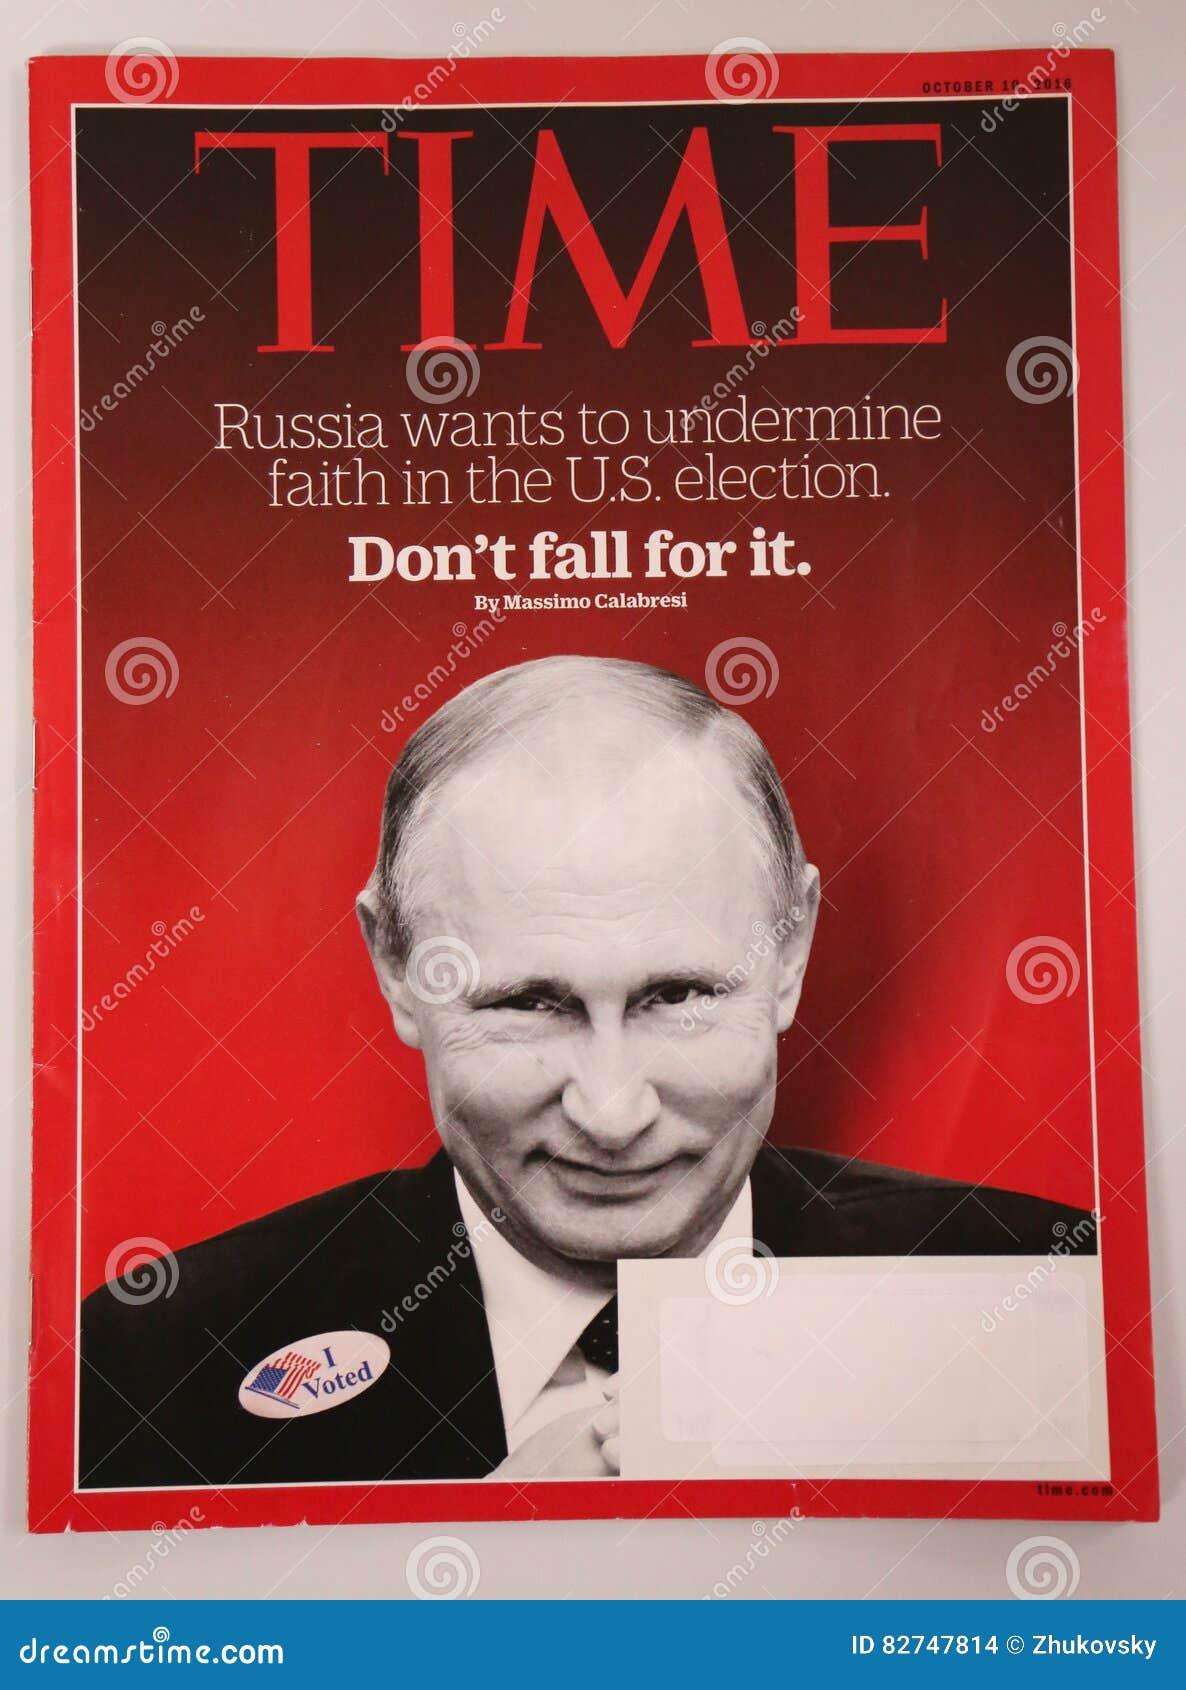 Журнал Тайм с Владимиром Путином на титульном листе выдал перед президентскими выборами 2016